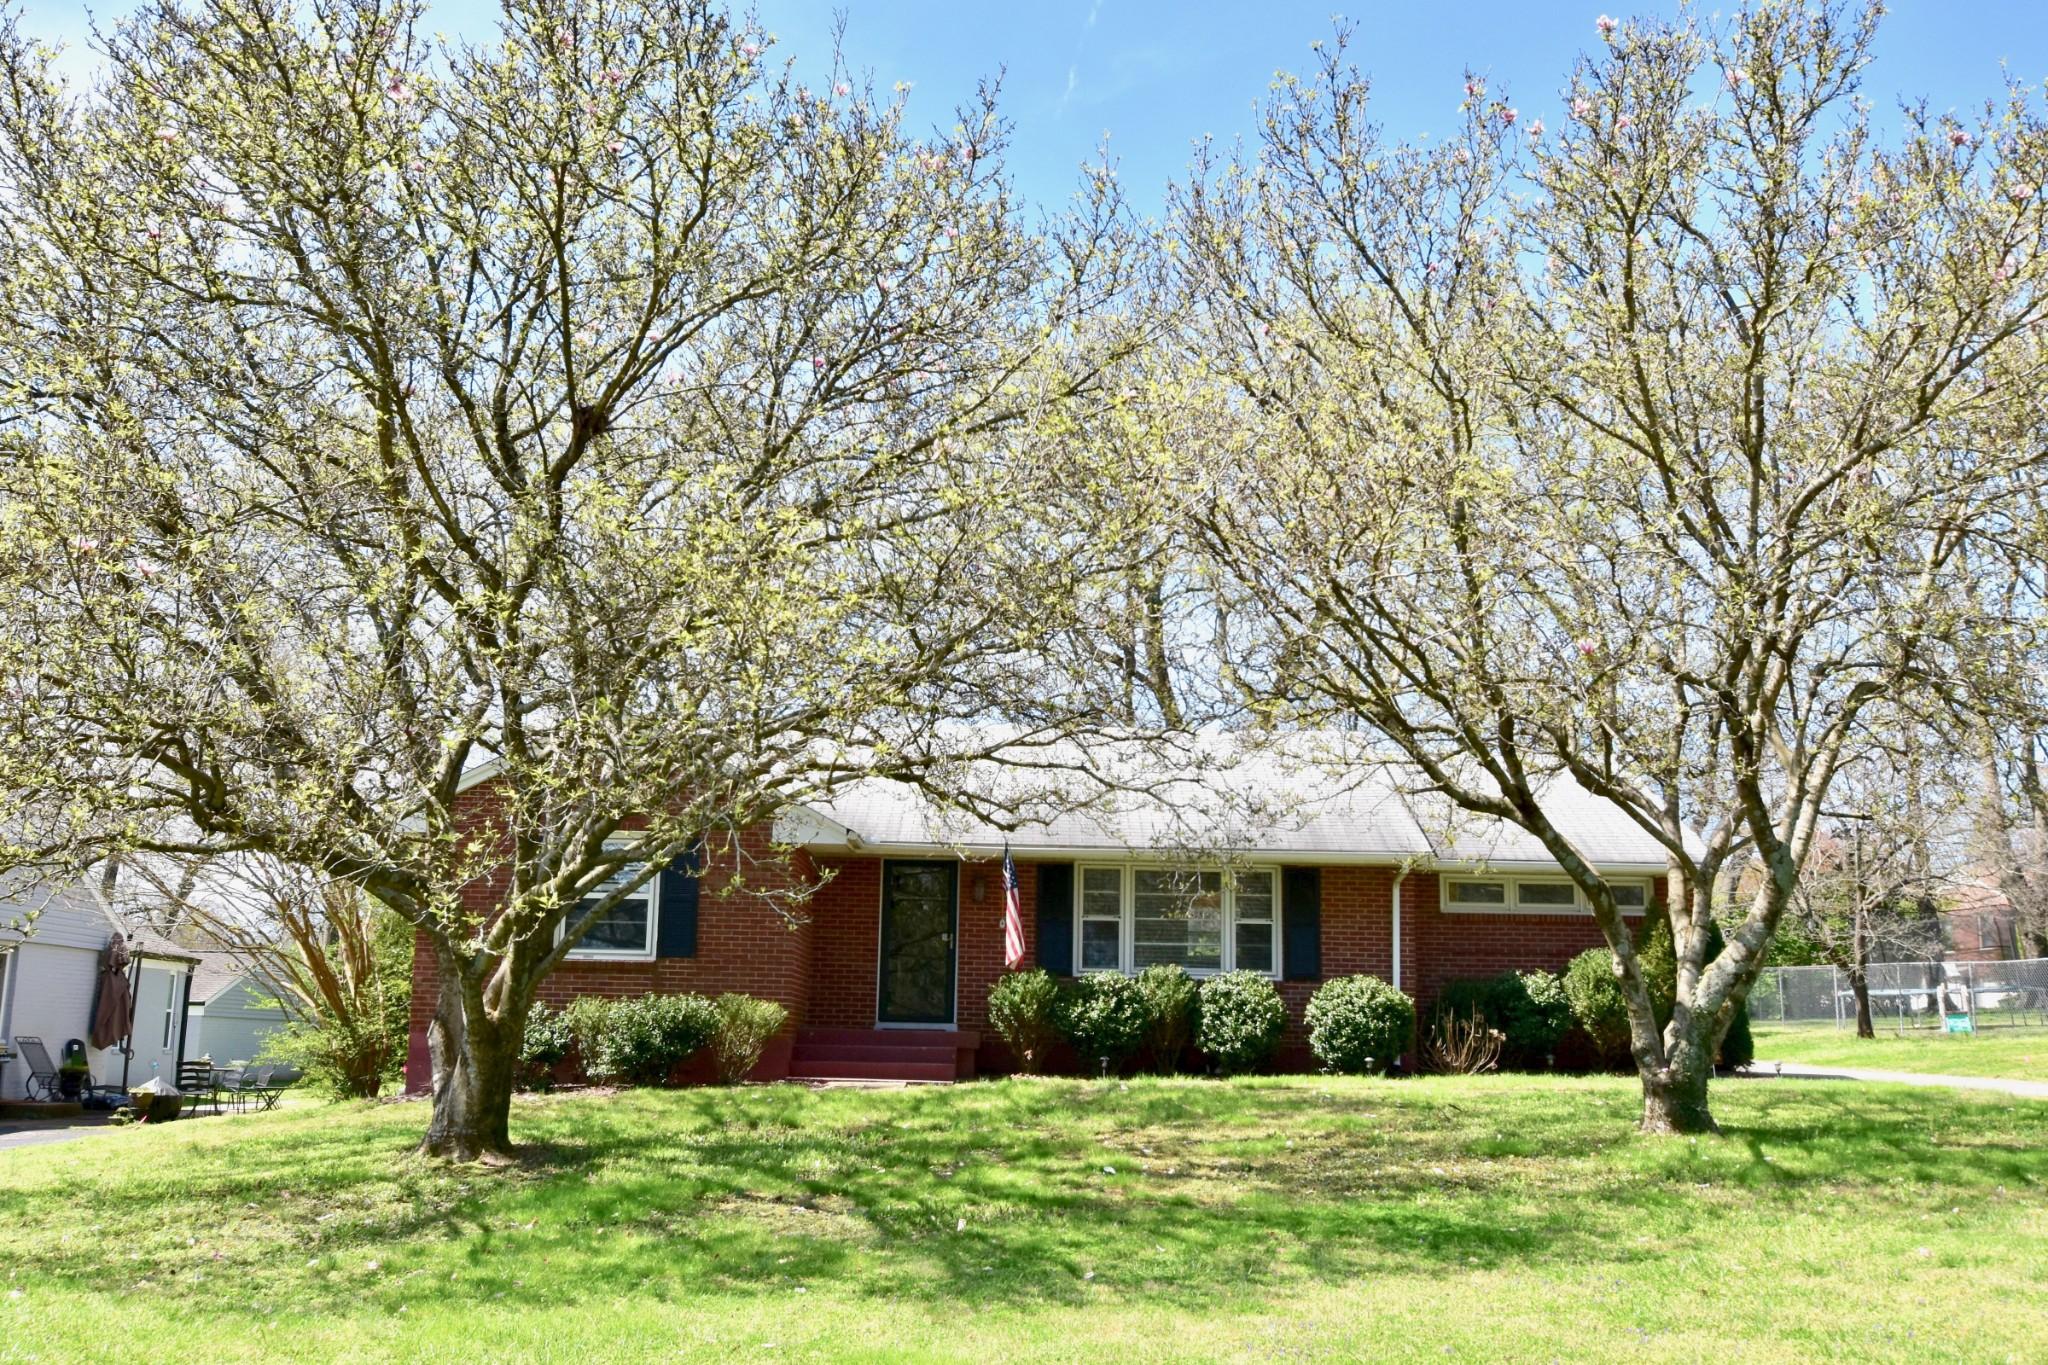 4719 Vicar Dr, Nashville, TN 37211 - Nashville, TN real estate listing